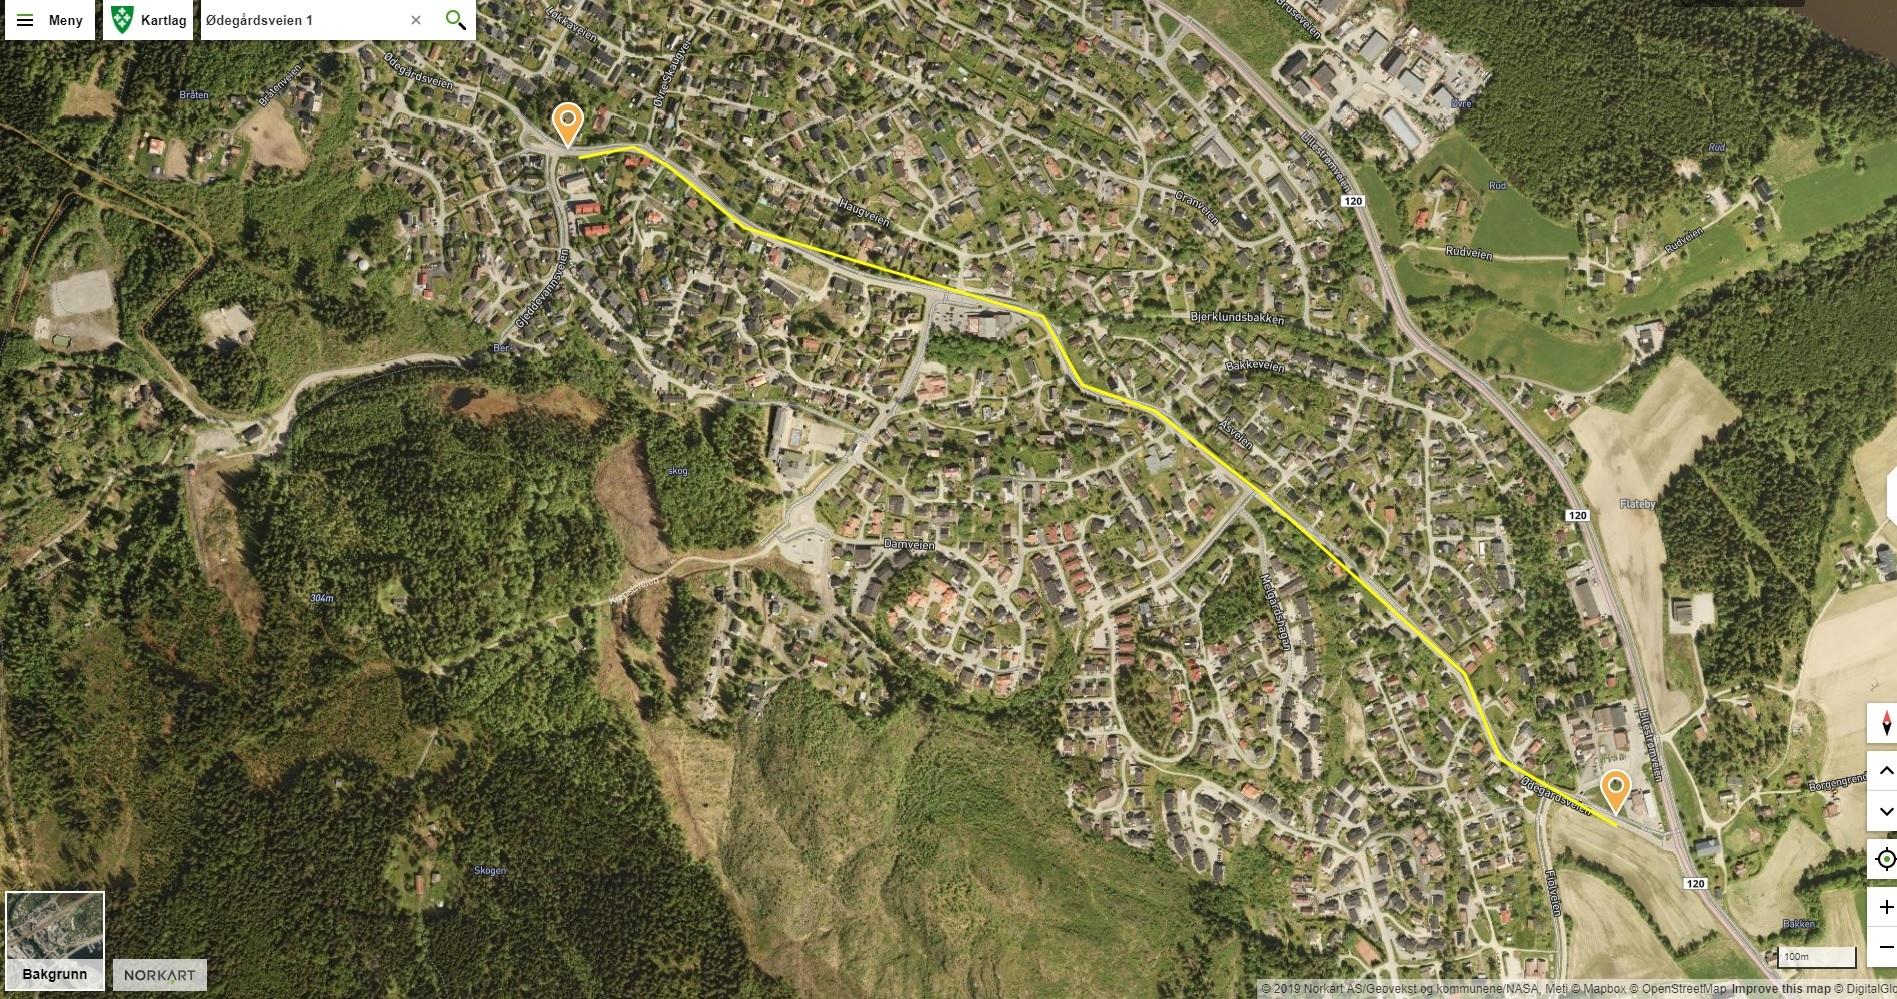 Ødegårdsveien kart